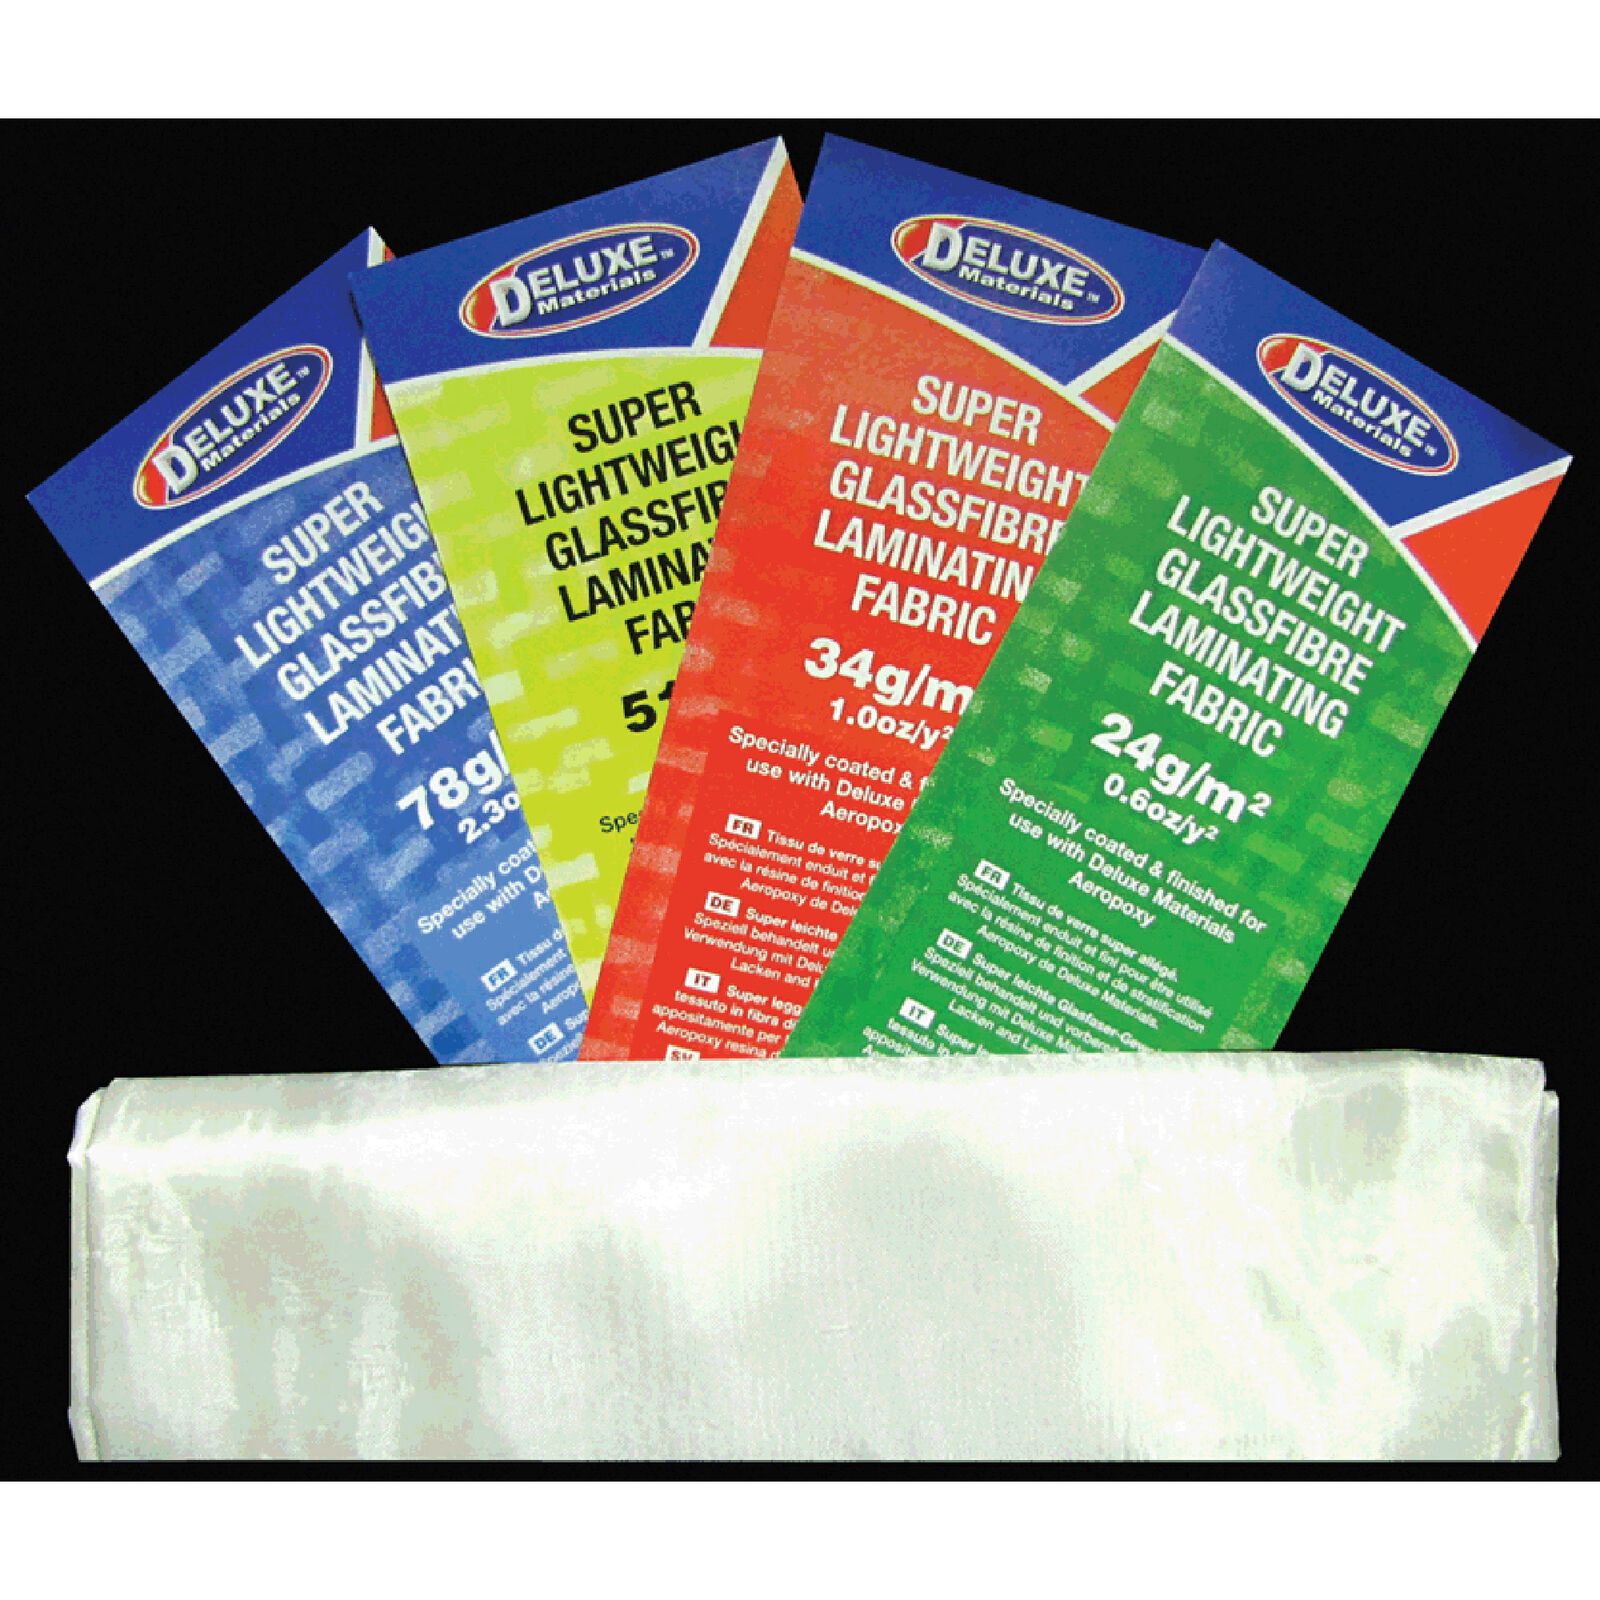 Lightweight Fibreglass Cloth, 2.0 oz, 1 Sq Meter, White